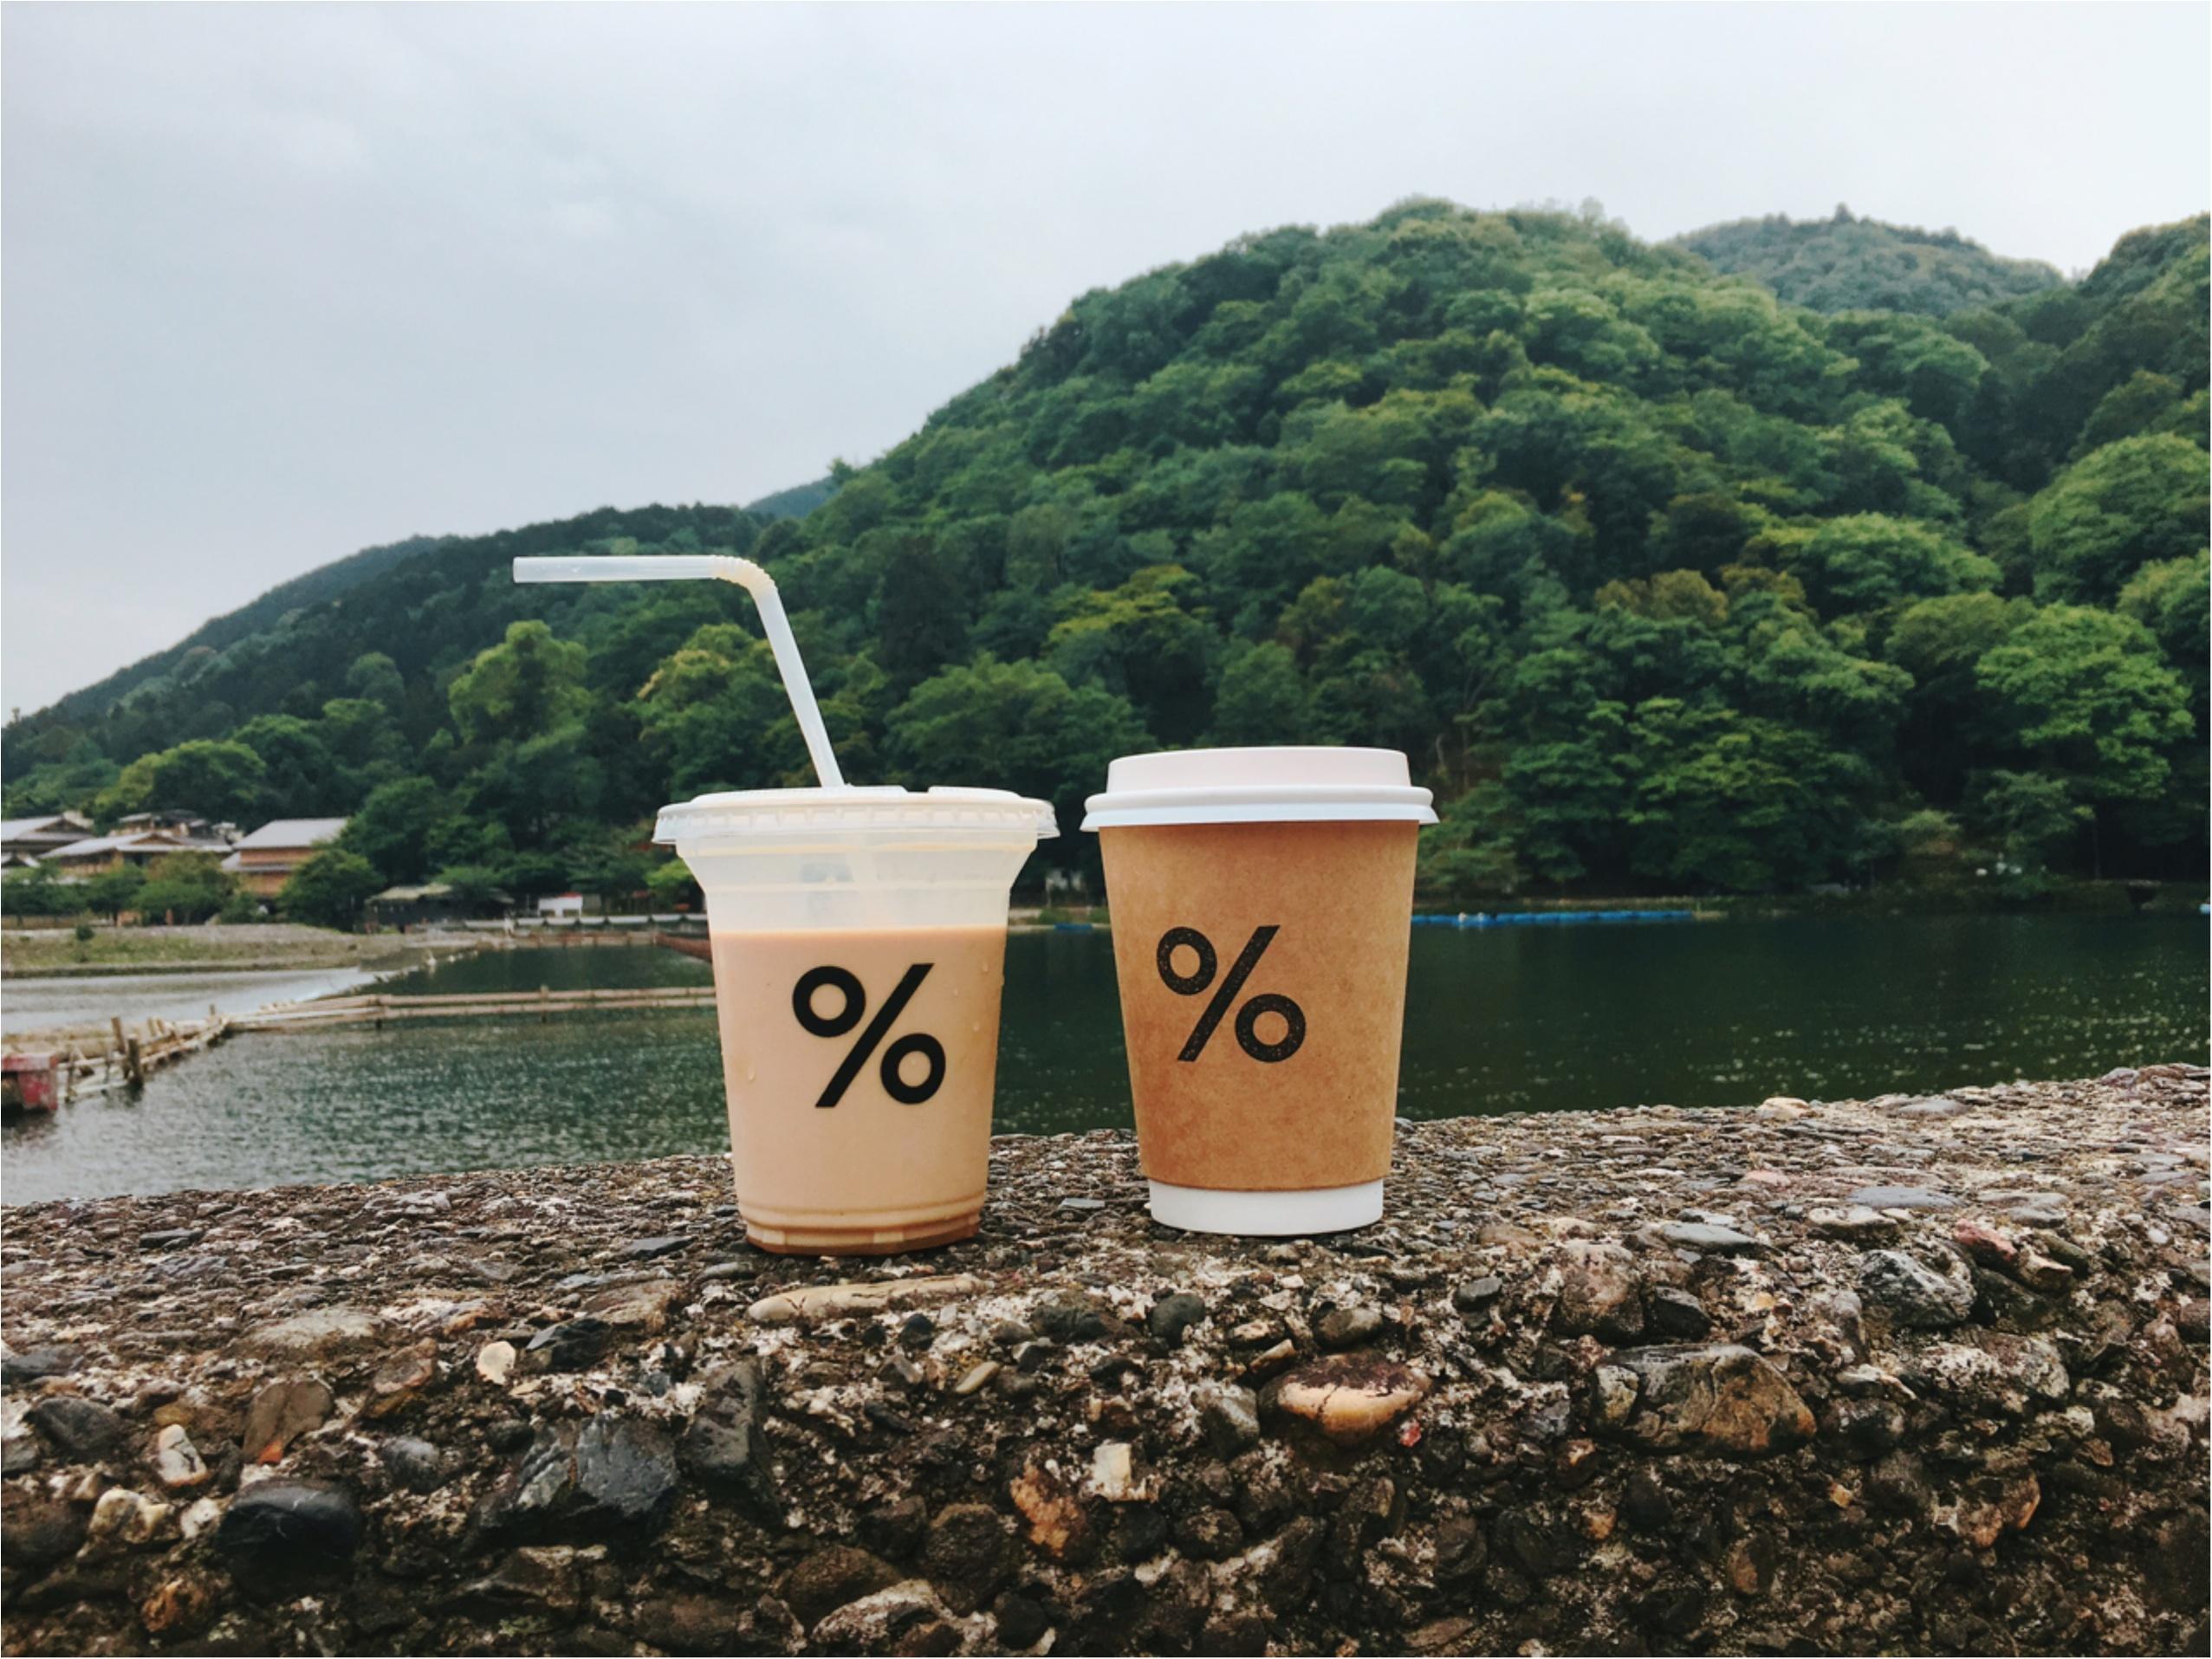 京都女子旅特集《2019年版》- 旅する女子がおすすめする、インスタ映えスポットやカフェ、レンタル着物は?_48